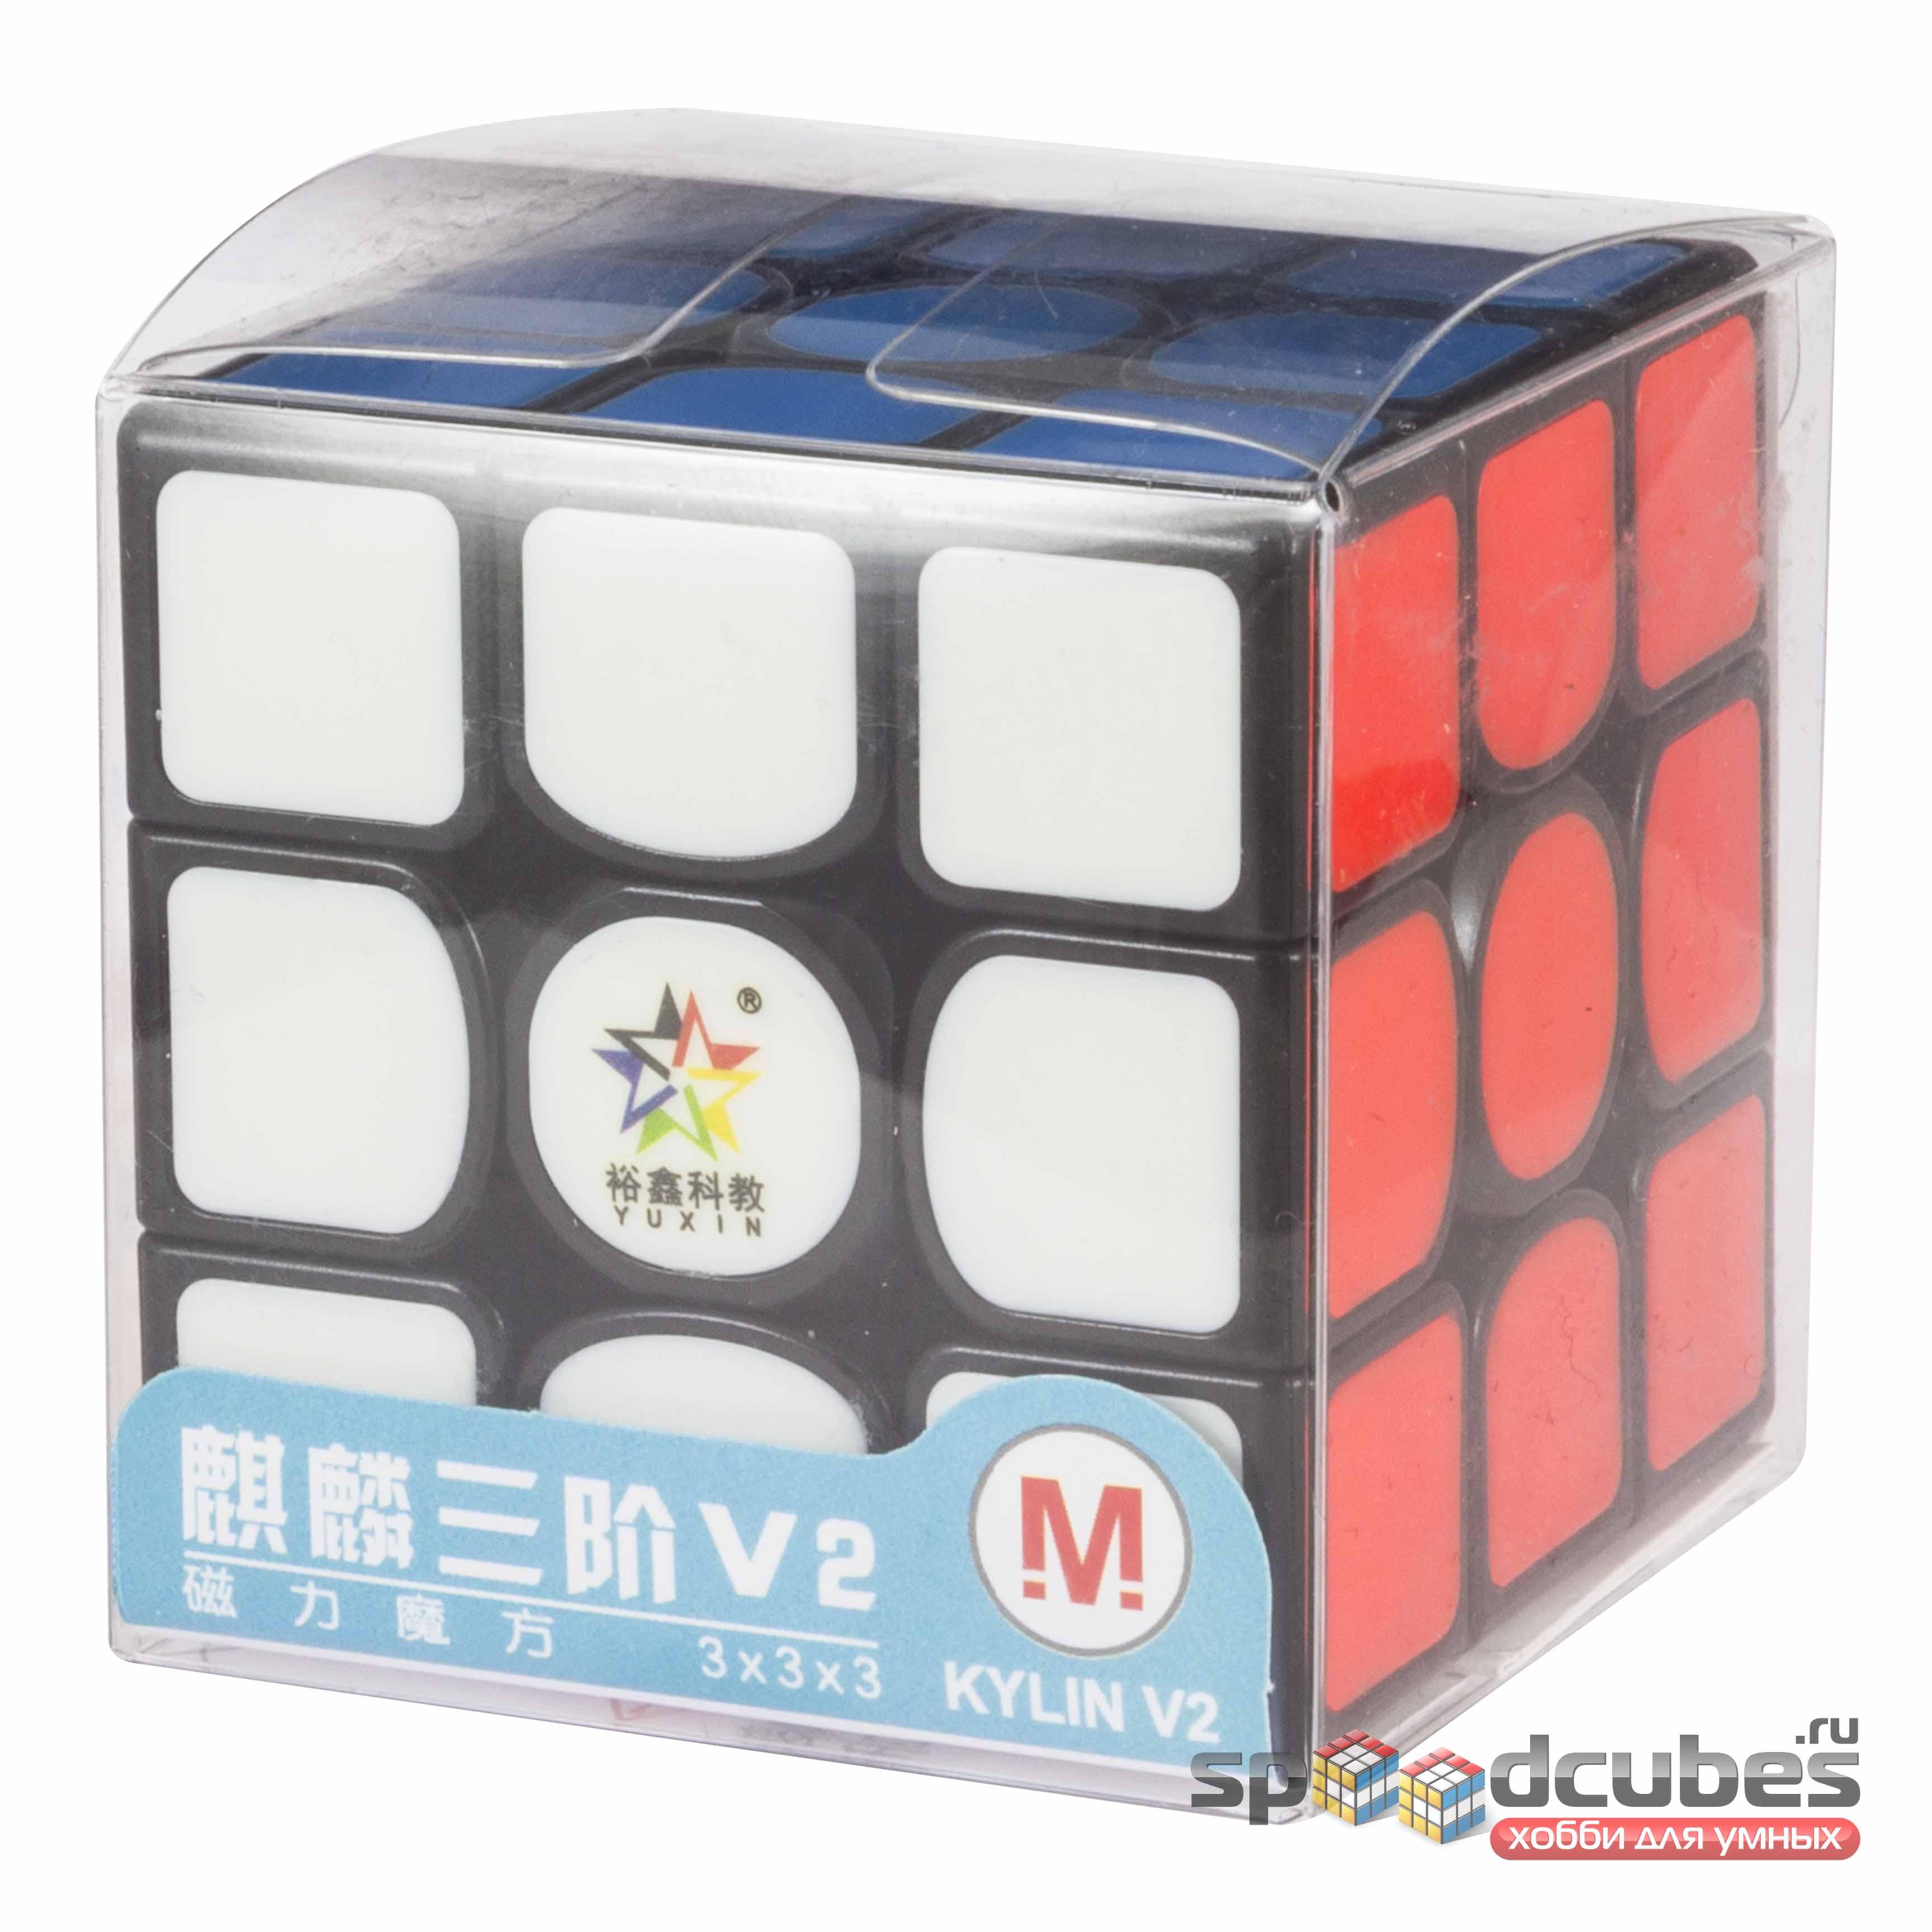 Yuxin 3x3x3 Kylin V2 M Black 1